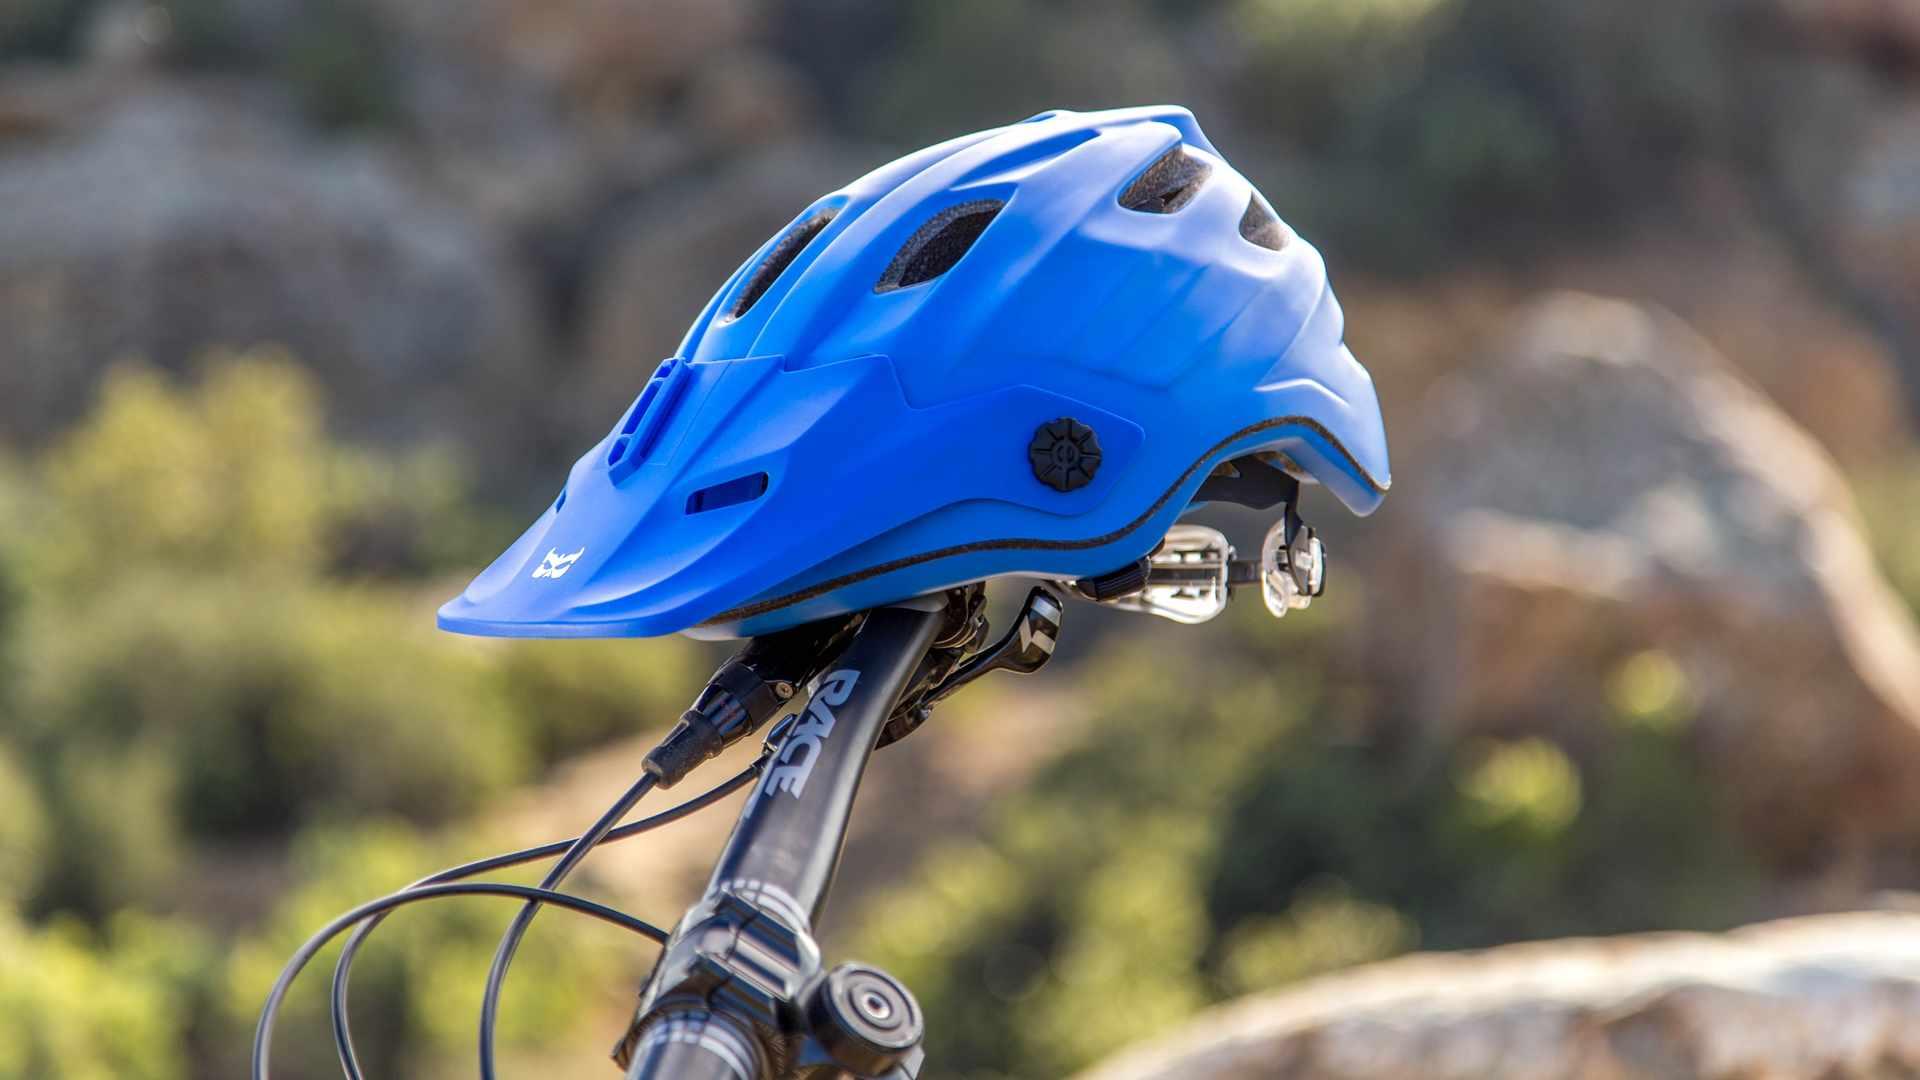 The Kali Maya enduro helmet